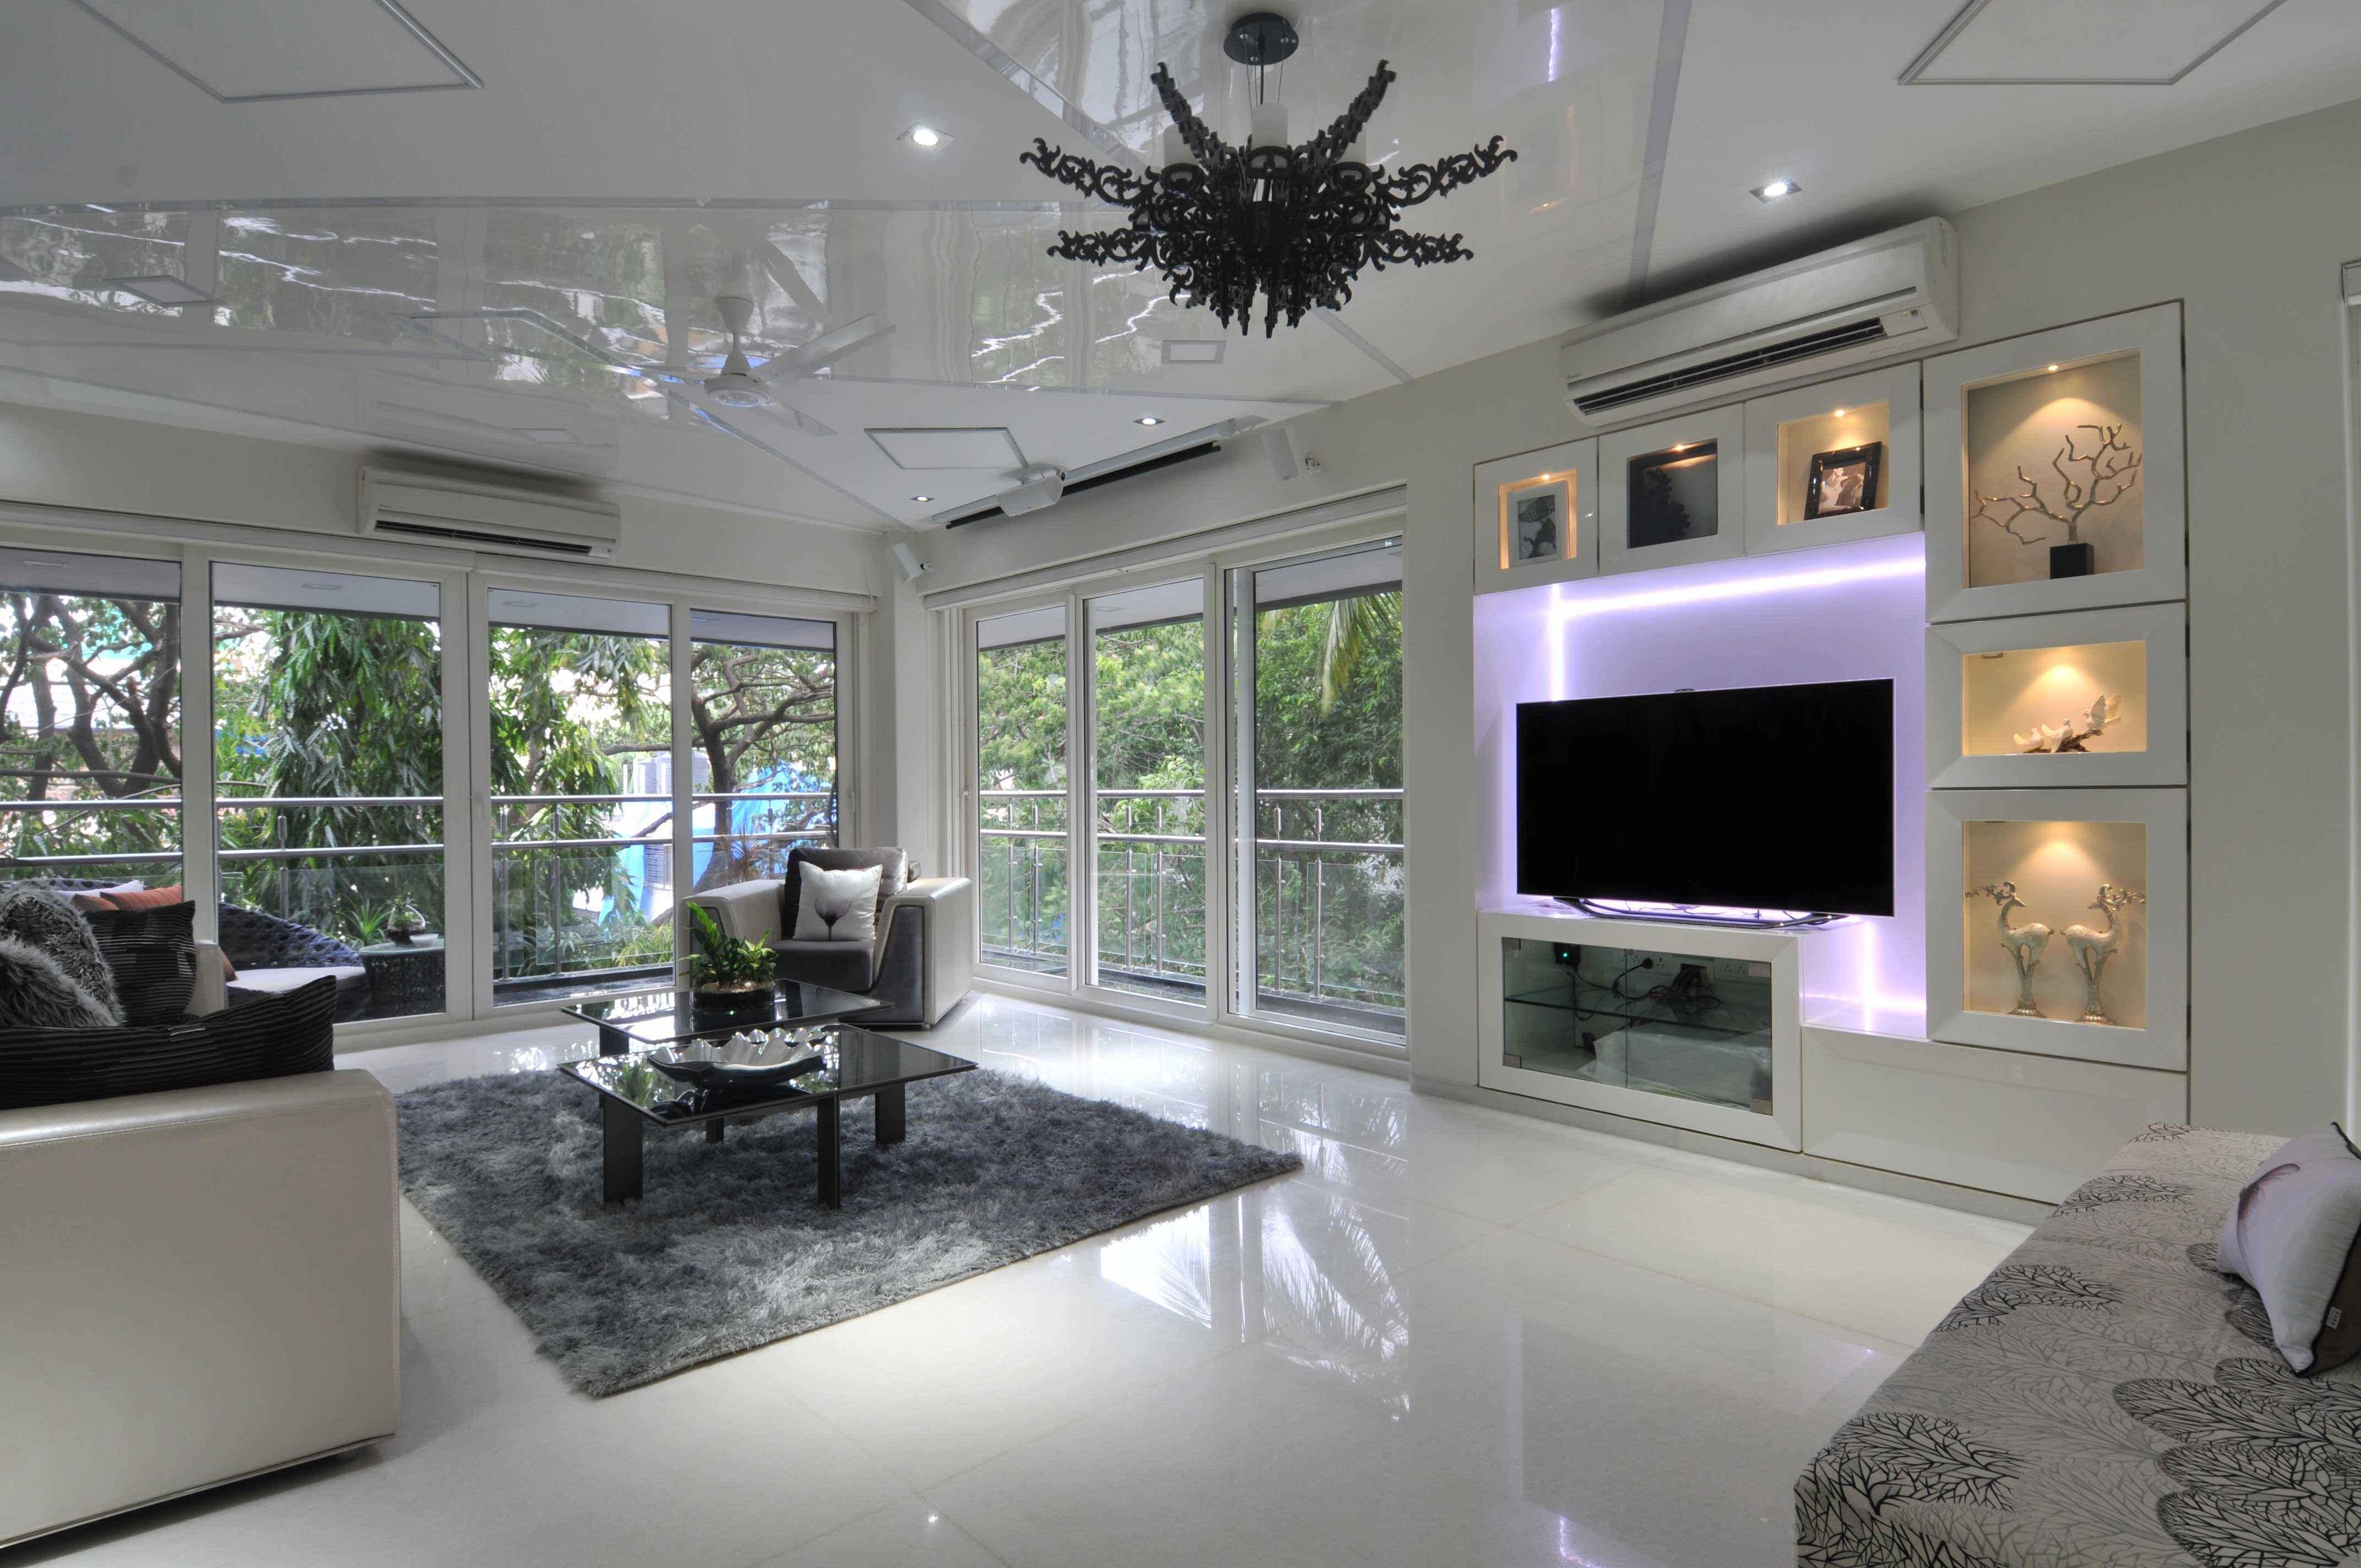 home lighting designs india home lighting design ideas vastu air light exterior design india interior design ideas